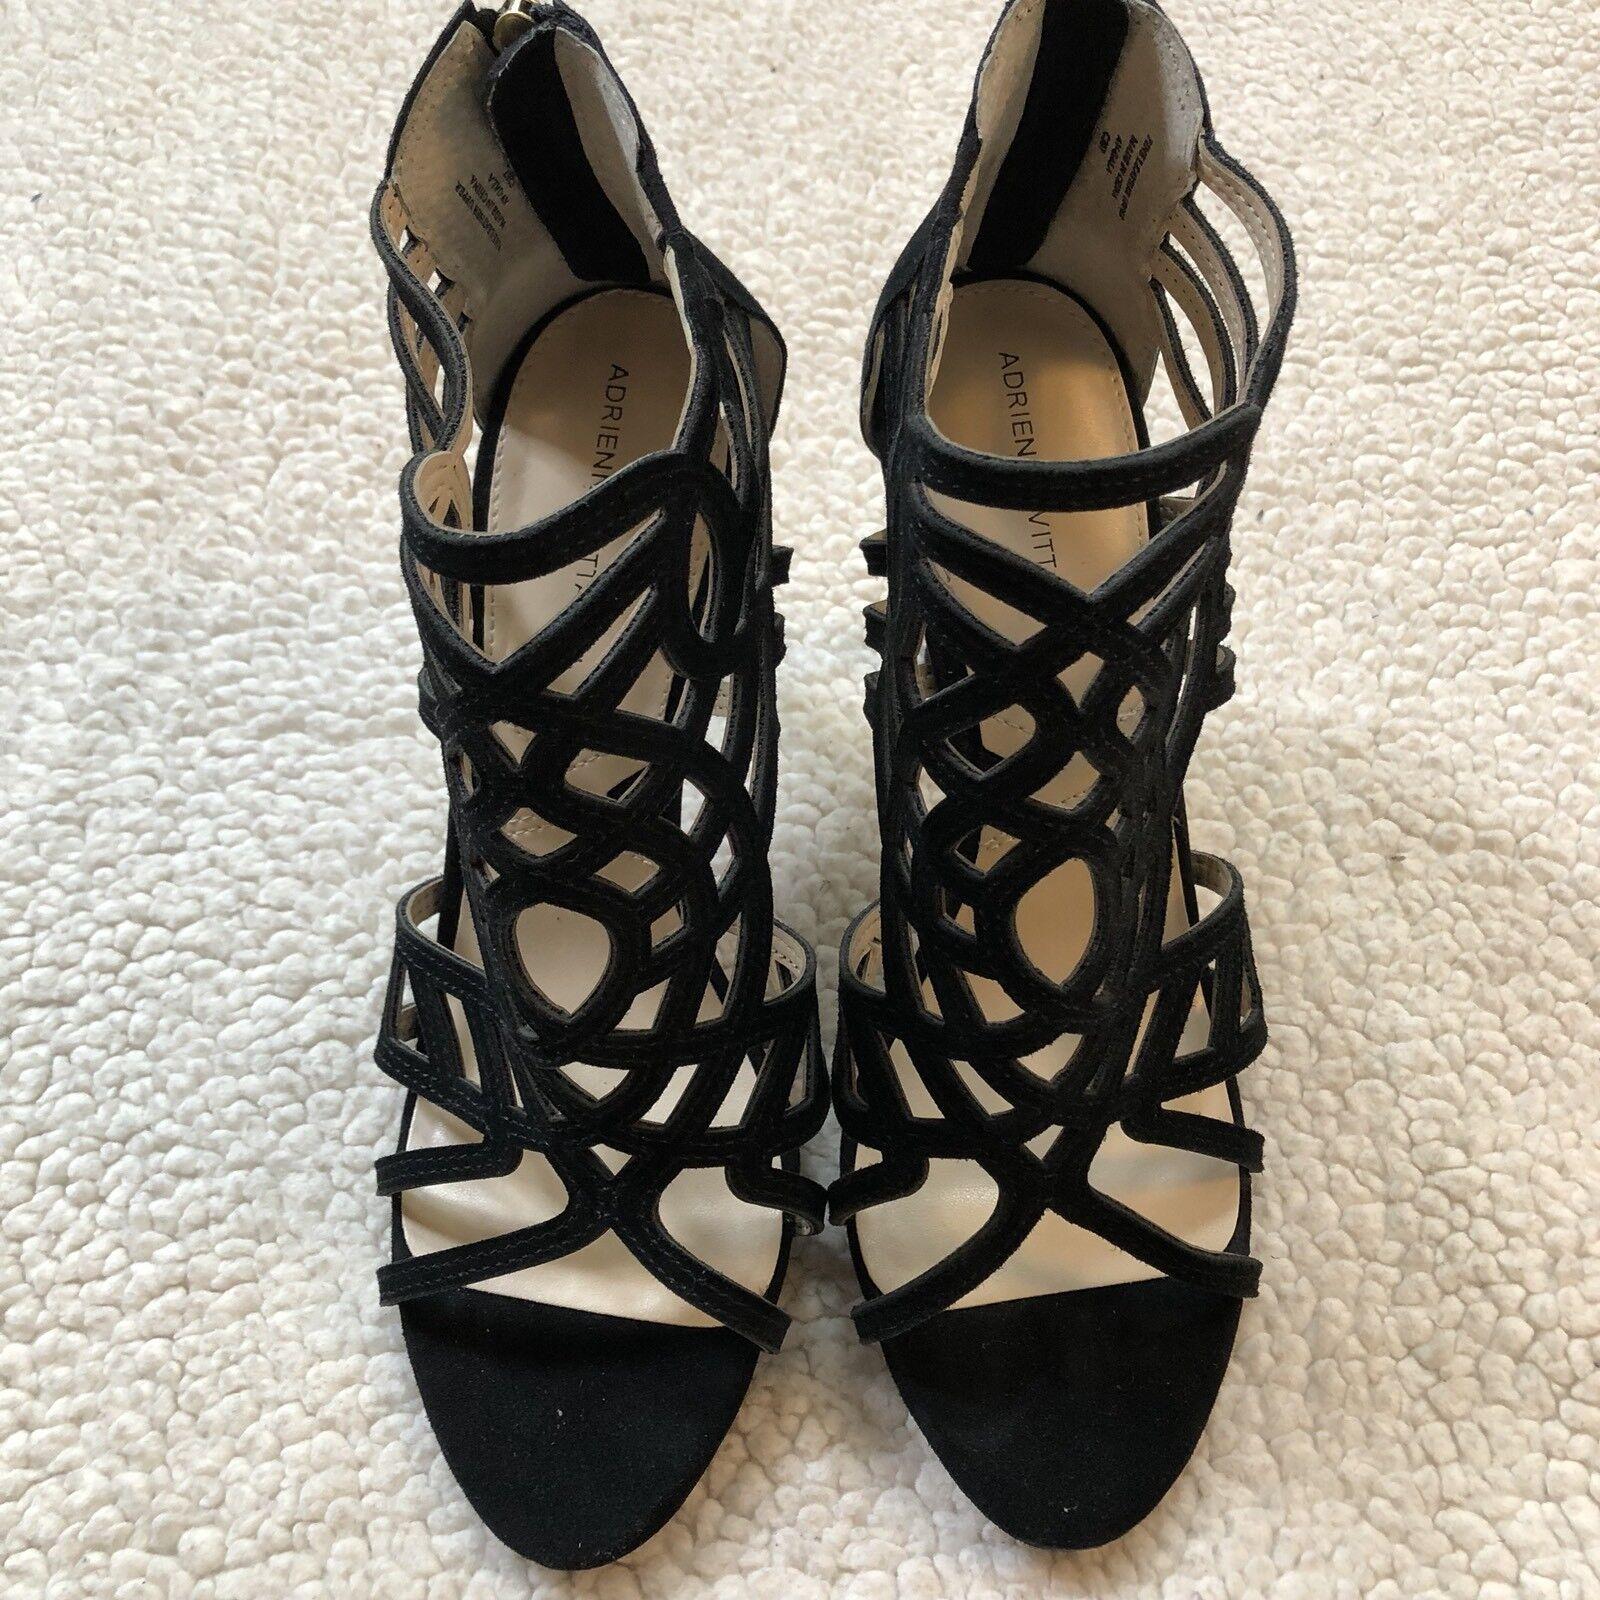 NEW ADRIENNE VITTADINI VITTADINI VITTADINI 9.5 Womens Avl-Anjolie-1 Platform Dress Sandal Black  149 323c06